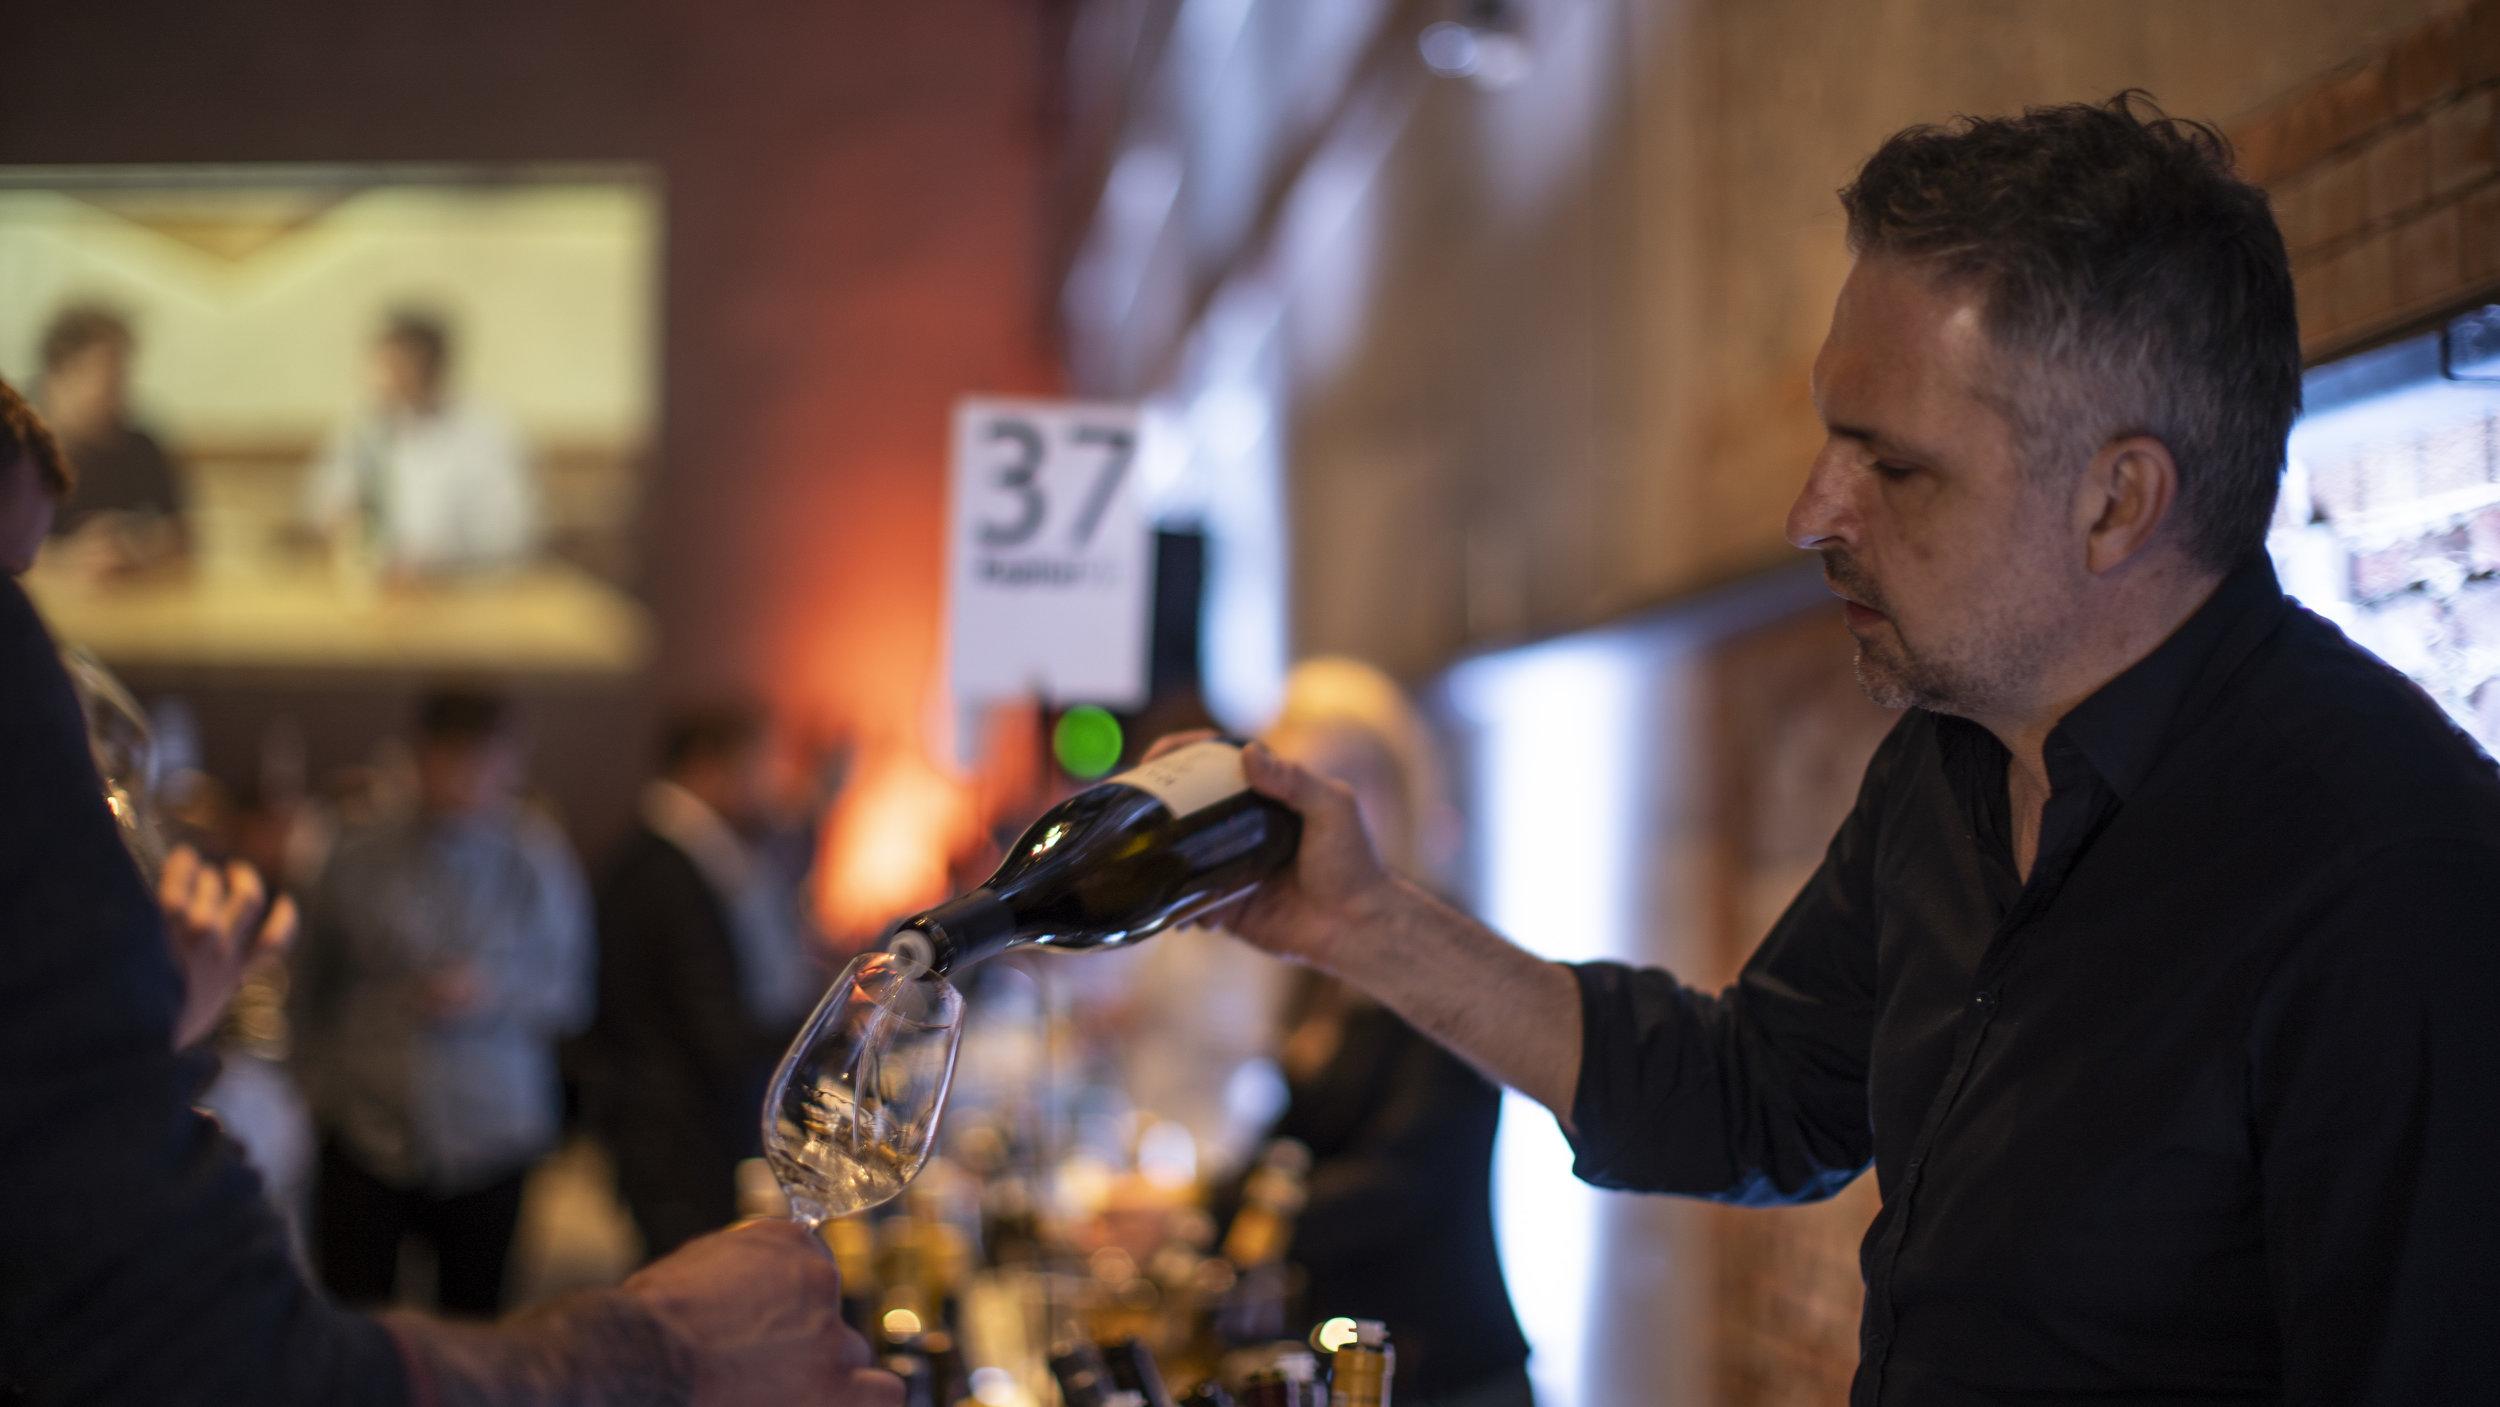 Martin Paulsen fra Autenico skjenket vin til en av de 600 gjestene som var tilstede under ToppHvitt 2018